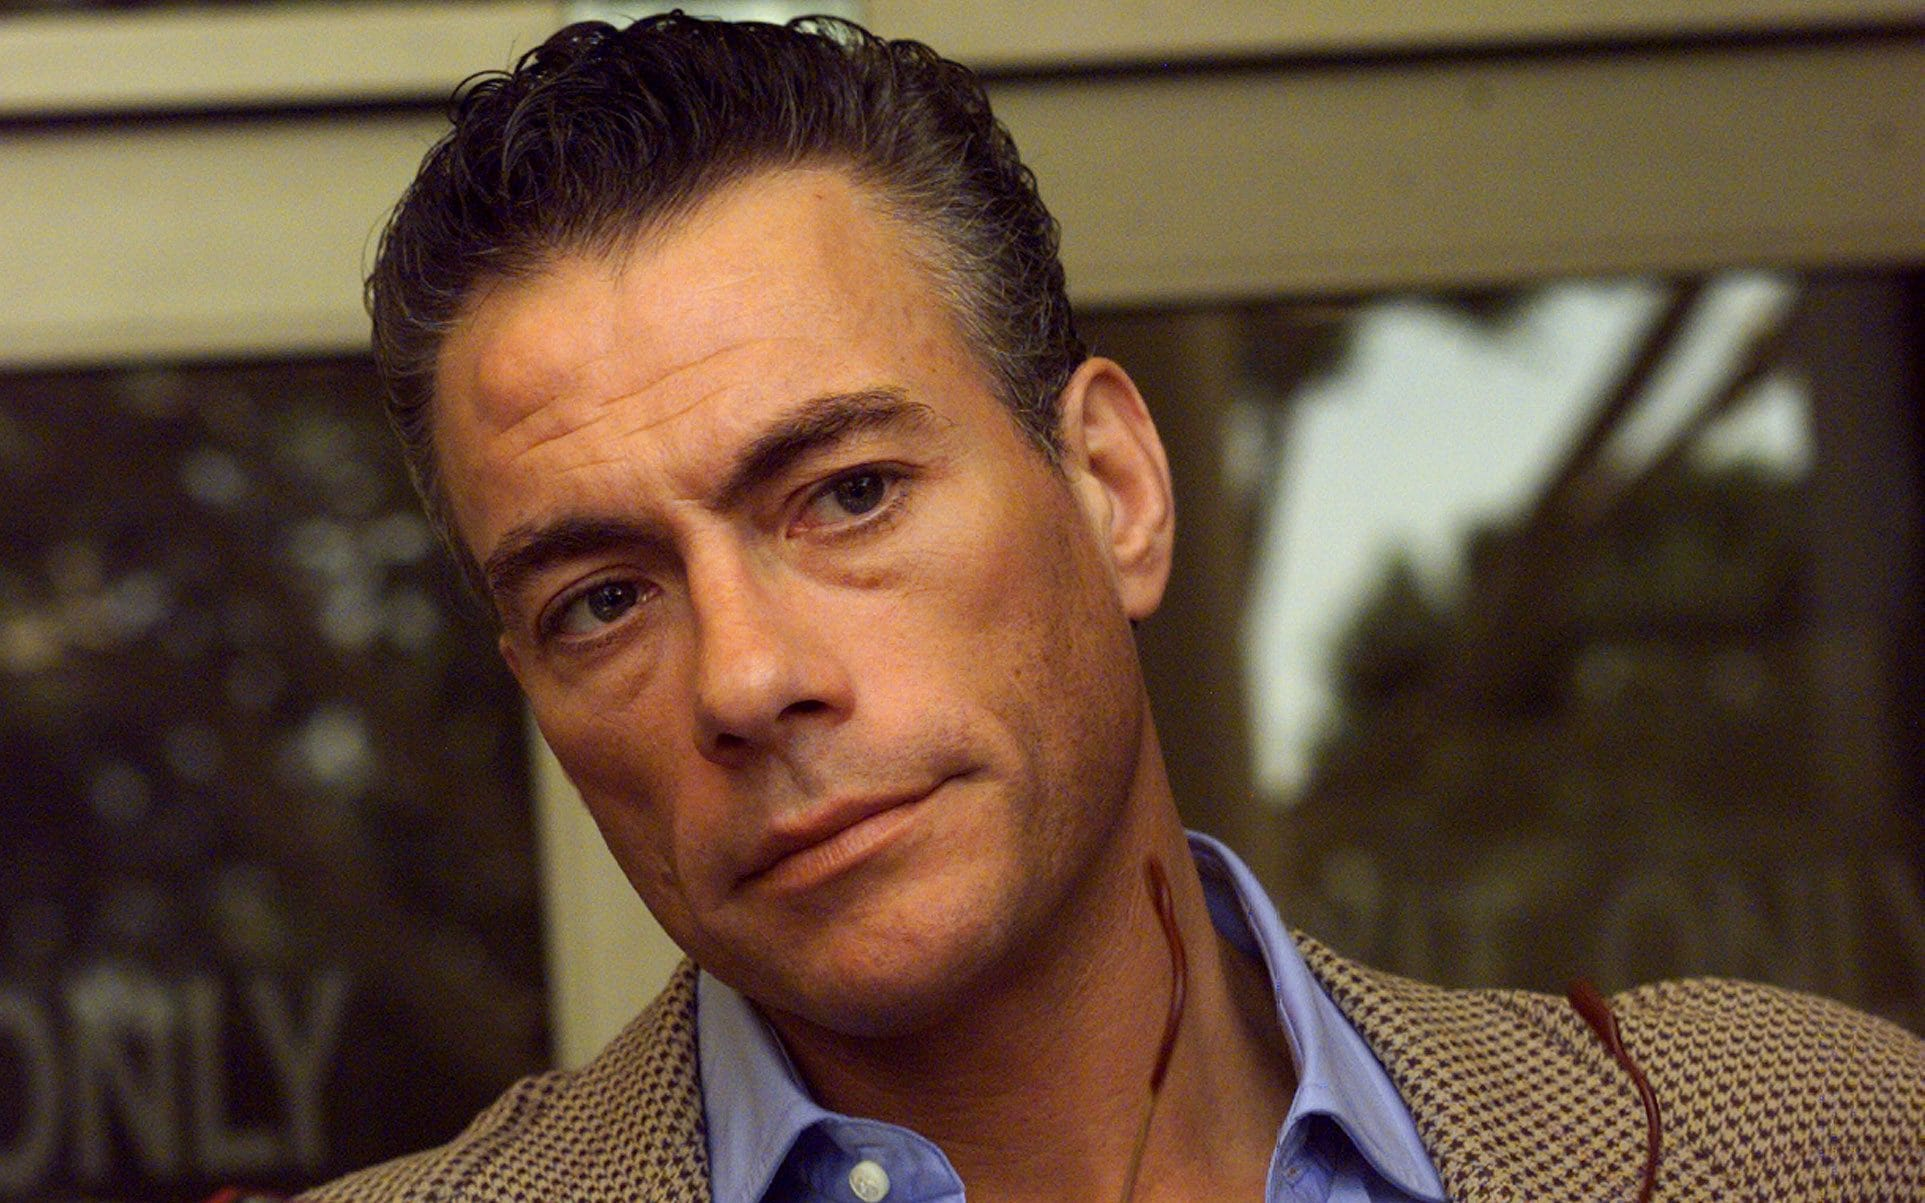 Jean Claude Van Damme Net Worth